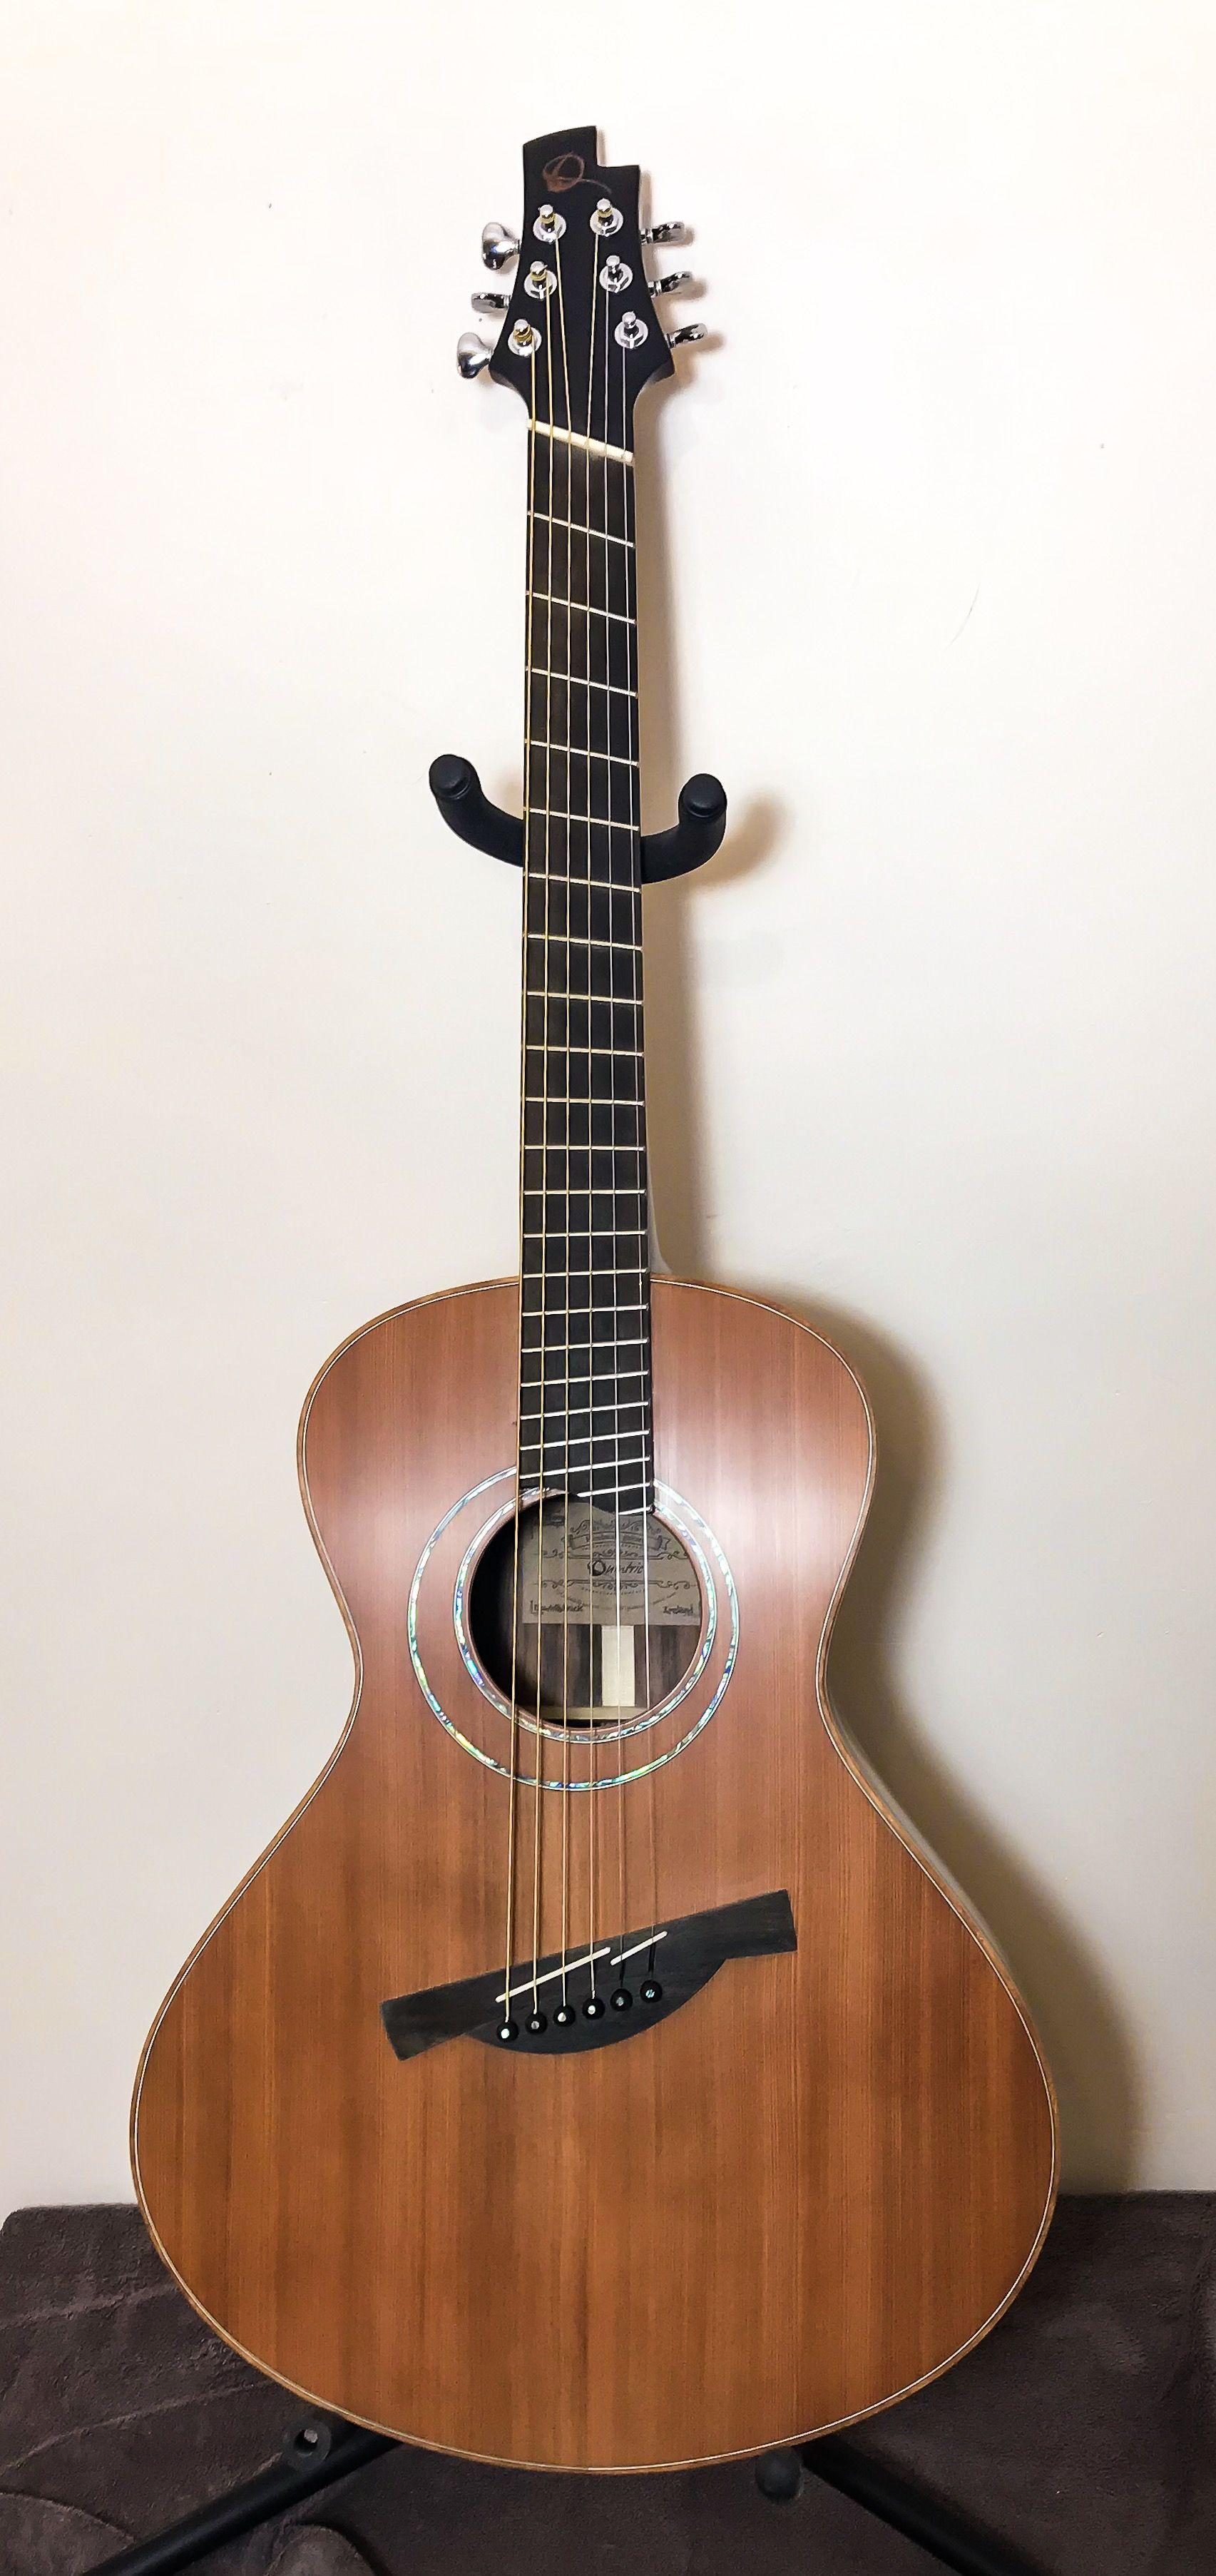 Acoustic Guitar Guitar Acoustic Custom Guitars Guitar Player Guitar